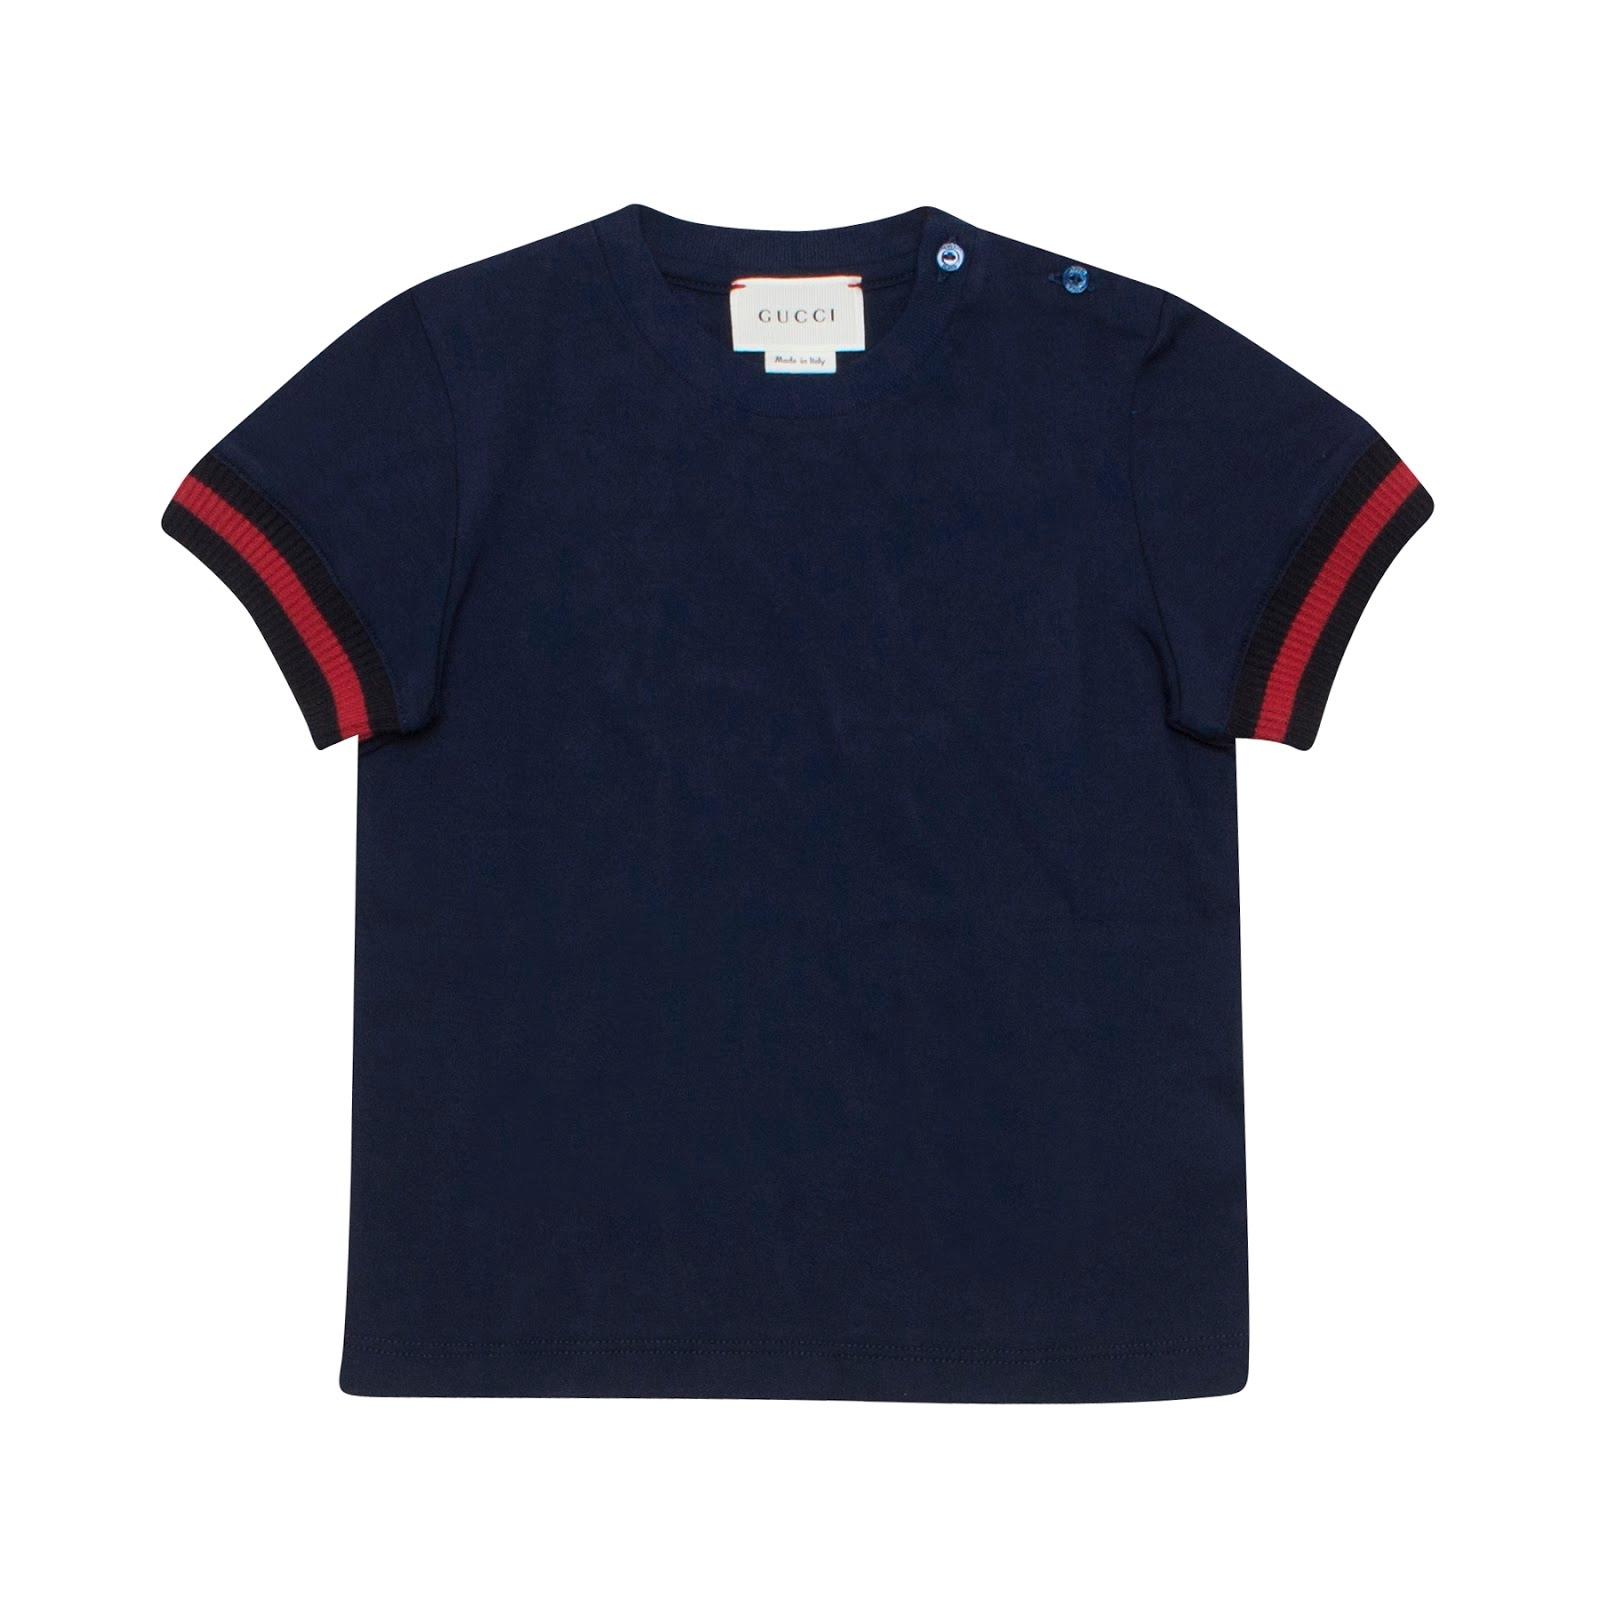 2324a85ae Designer Baby & Toddler Clothes - Babywear - Harvey Nichols